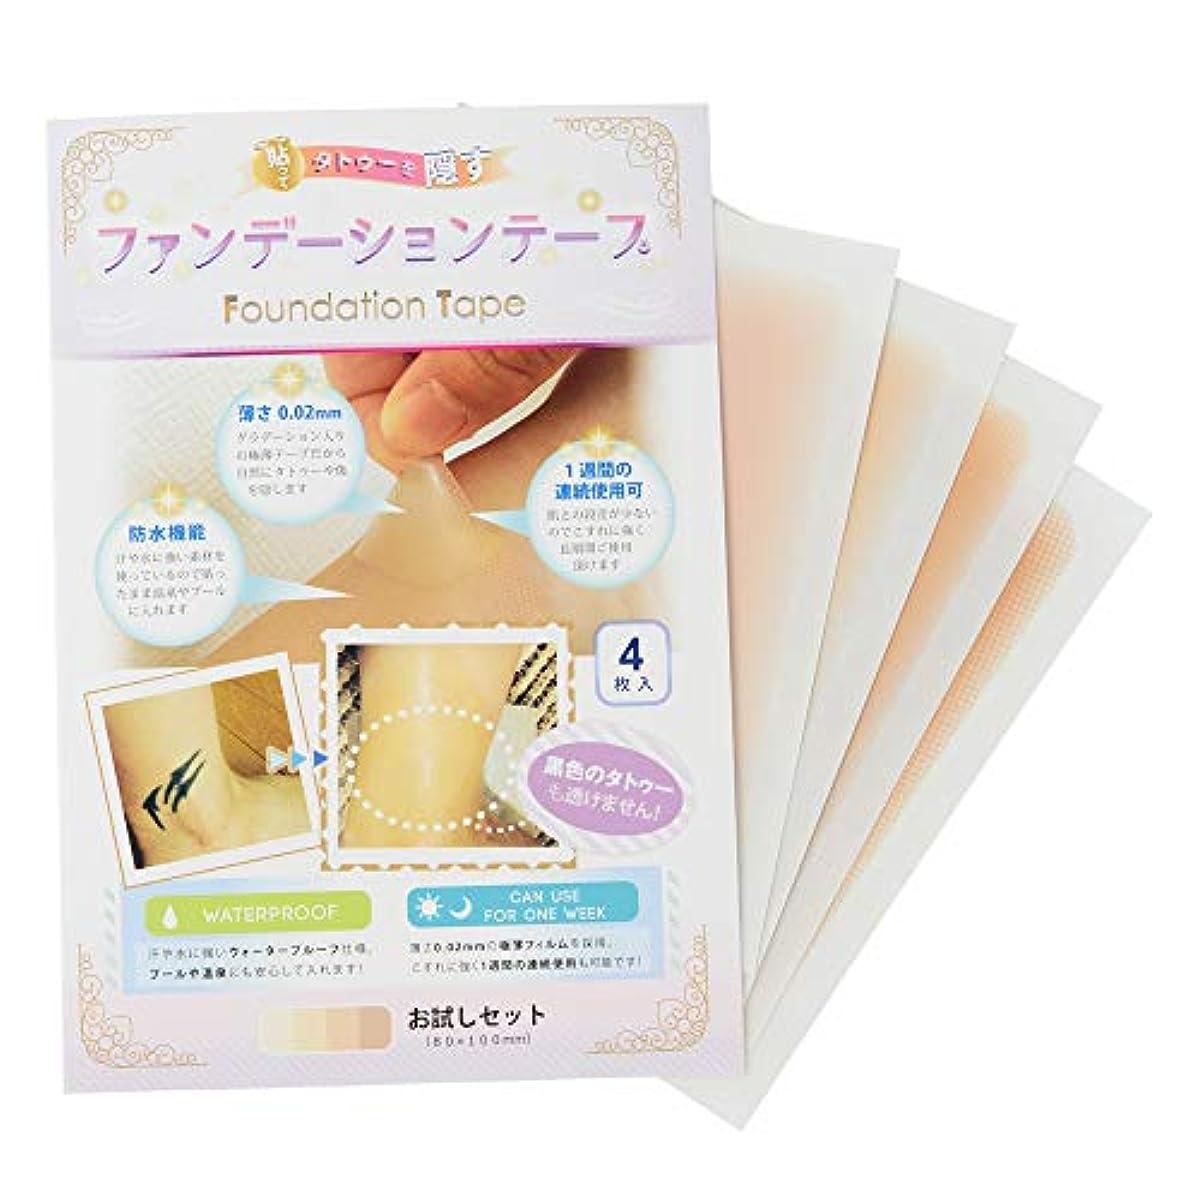 独立前置詞アテンダントファンデーションテープ (タトゥー隠しシール) 4色4枚入 防水 つや消し 刺青 カバー 日本製 ログインマイライフ 特許取得済み tattoo cover waterproof trial set